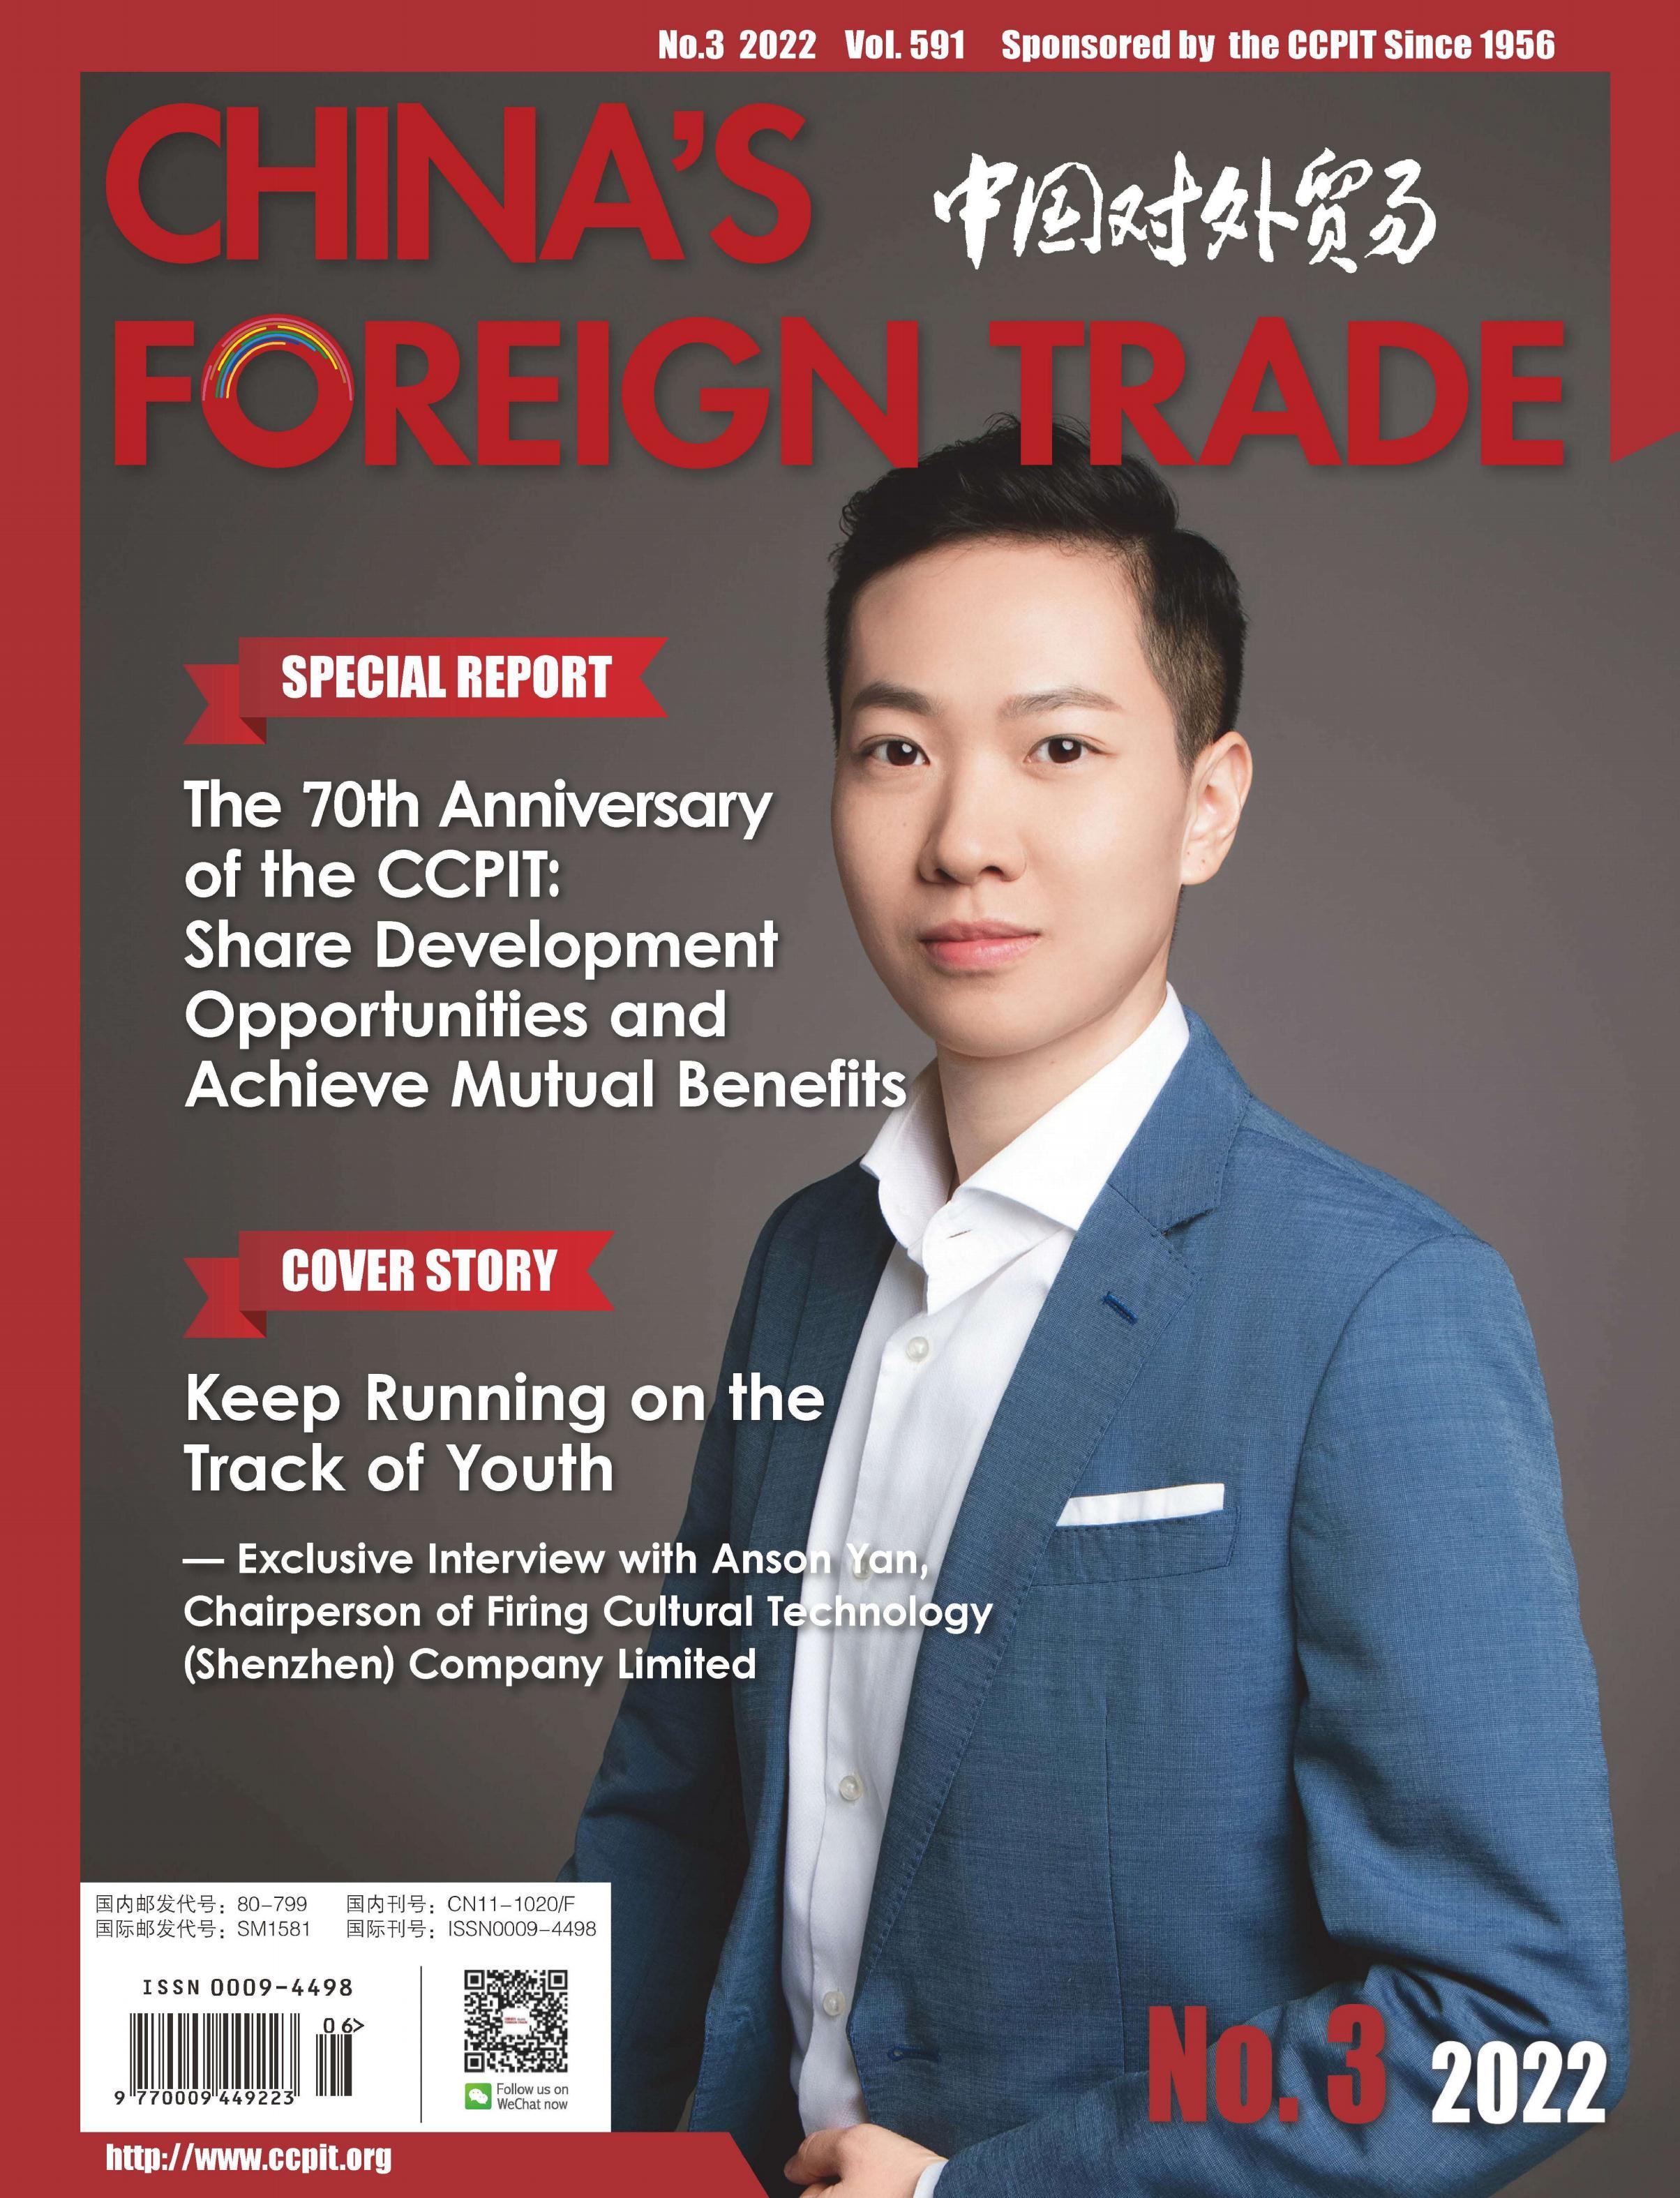 中国对外贸易:英文版